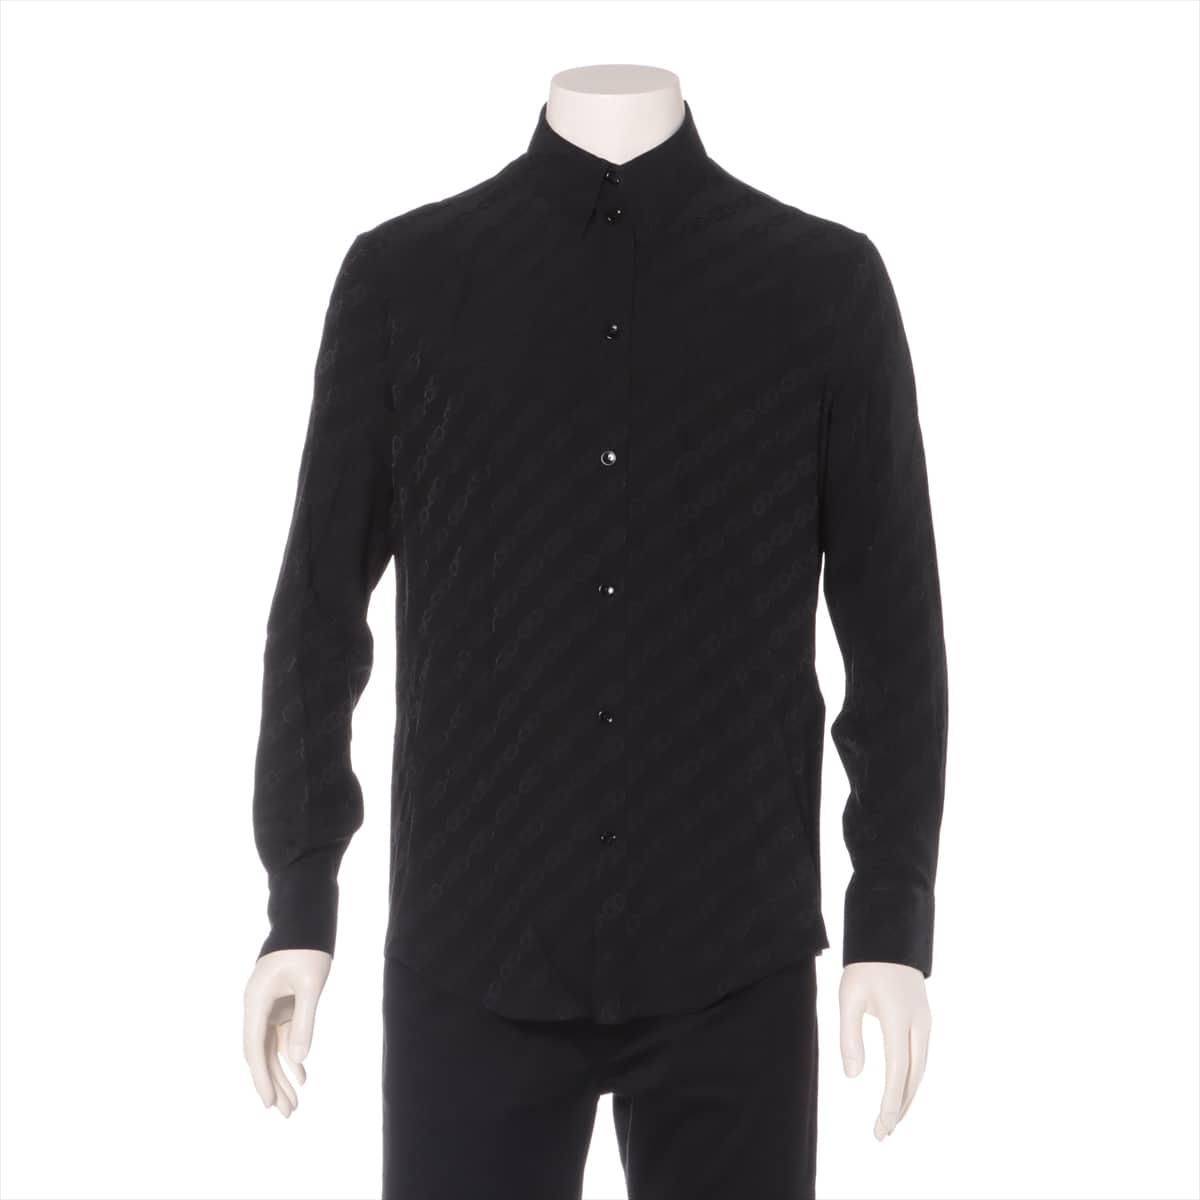 中古 セリーヌ エディ期 再再販 シルク シャツ メンズ ブラック 正規逆輸入品 チェーン トリオンフ 39